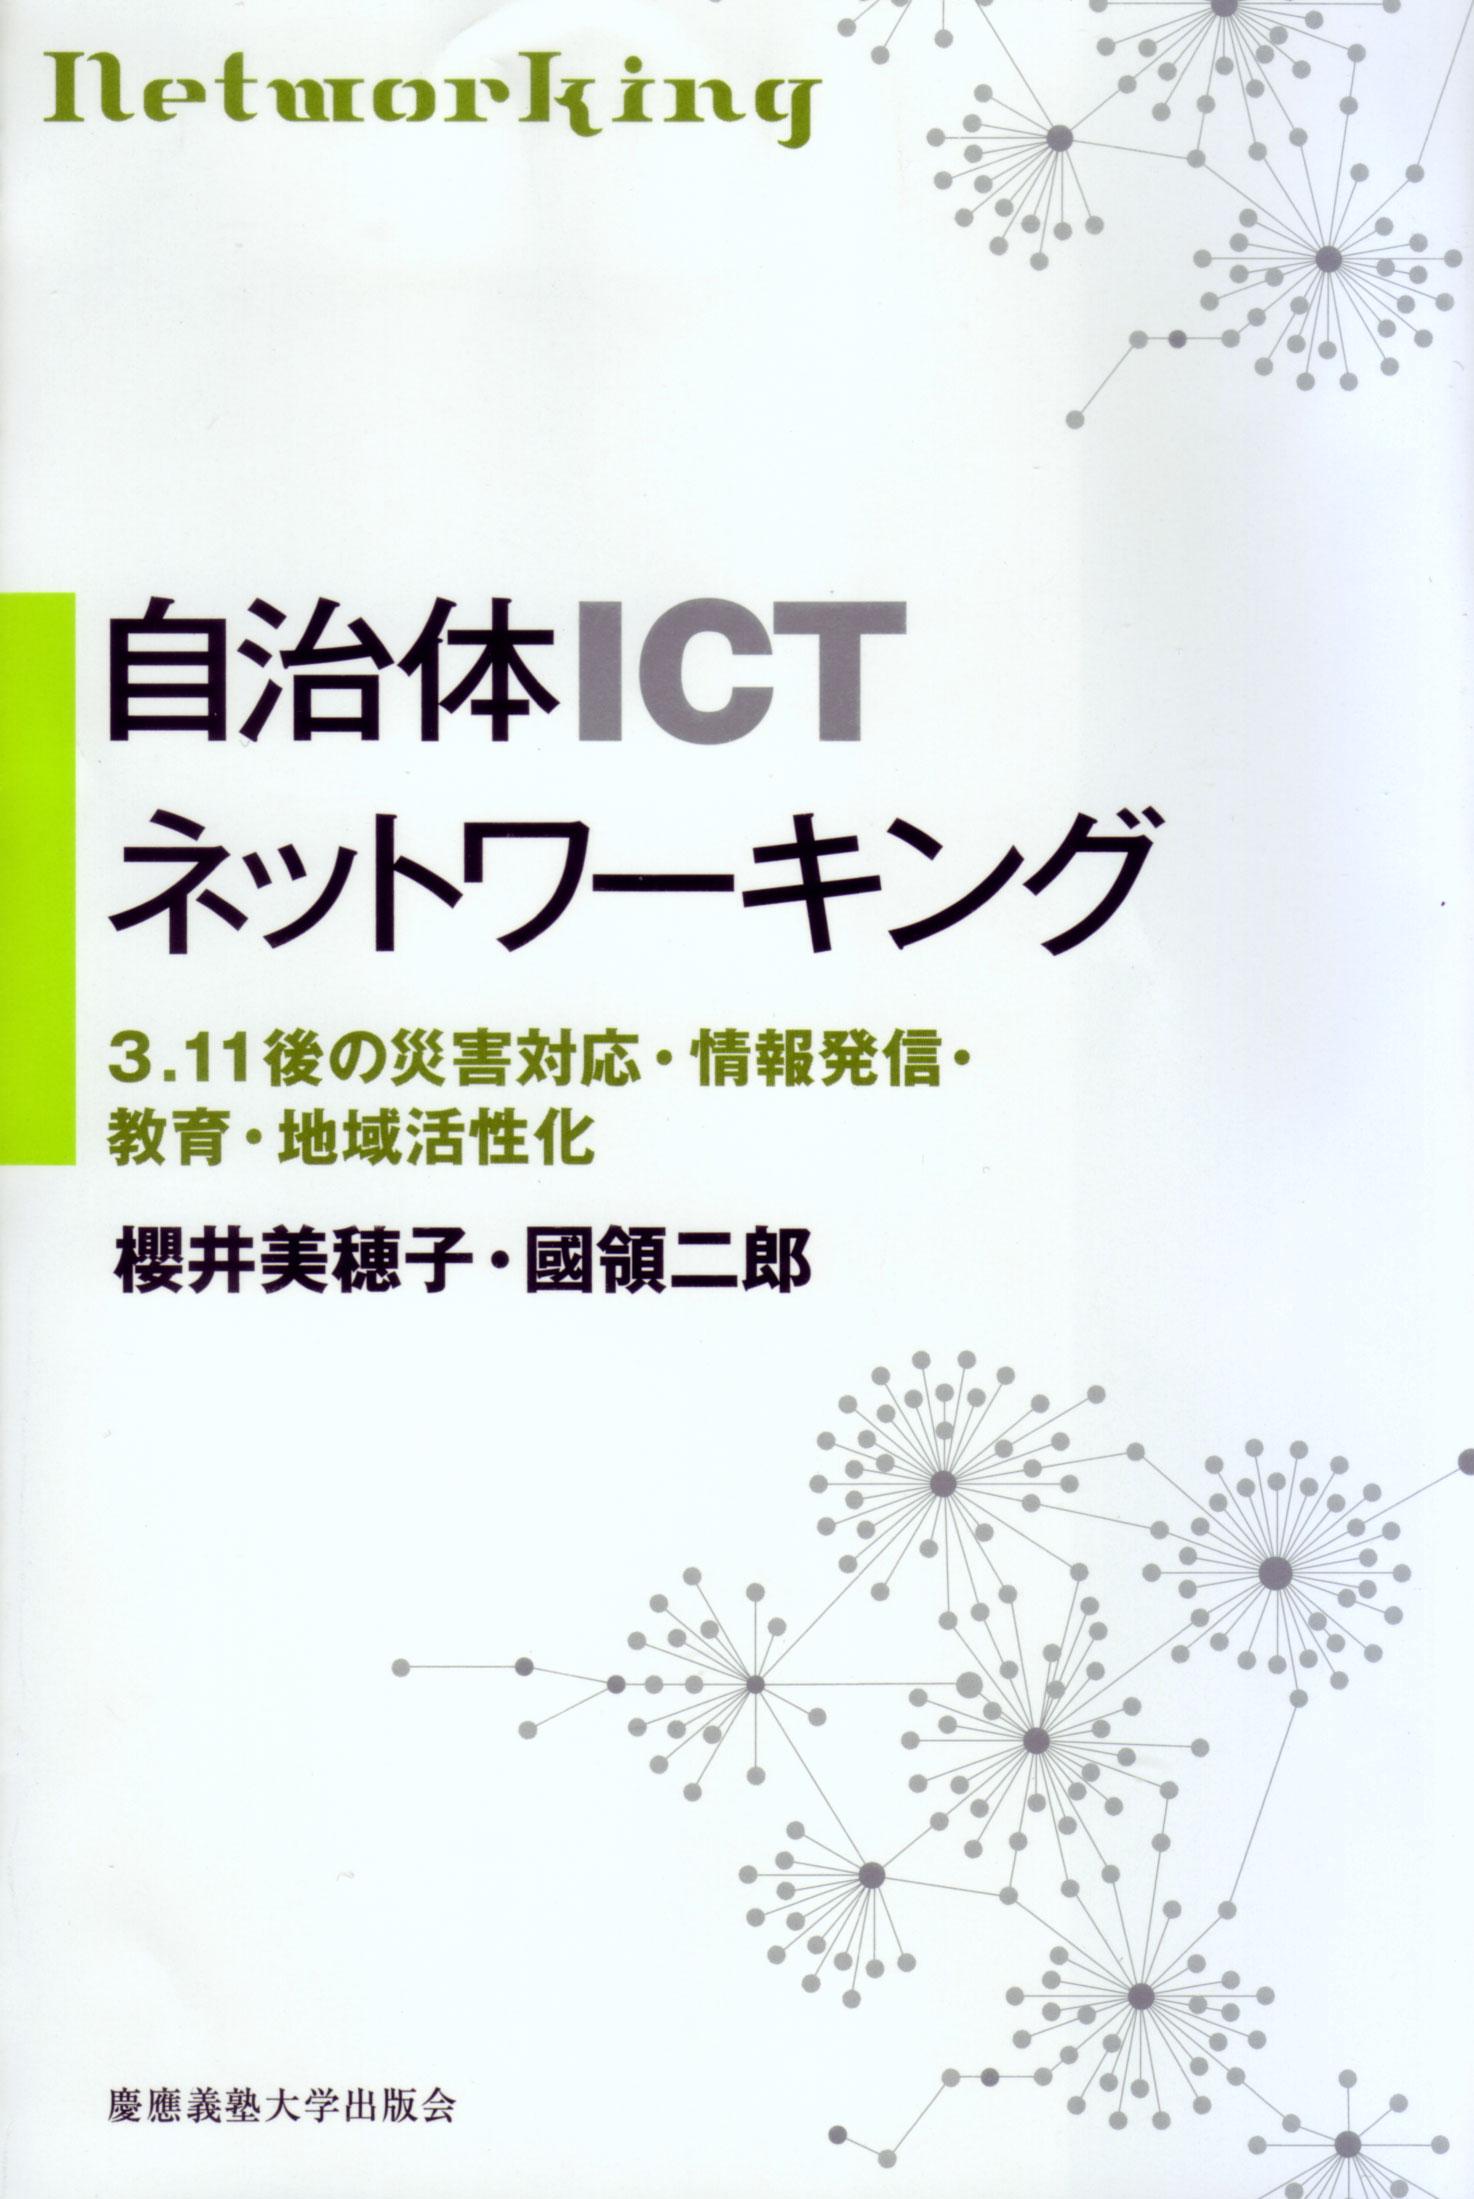 自治体ICTネットワーキング 櫻井 美穂子 著 國領 二郎 著